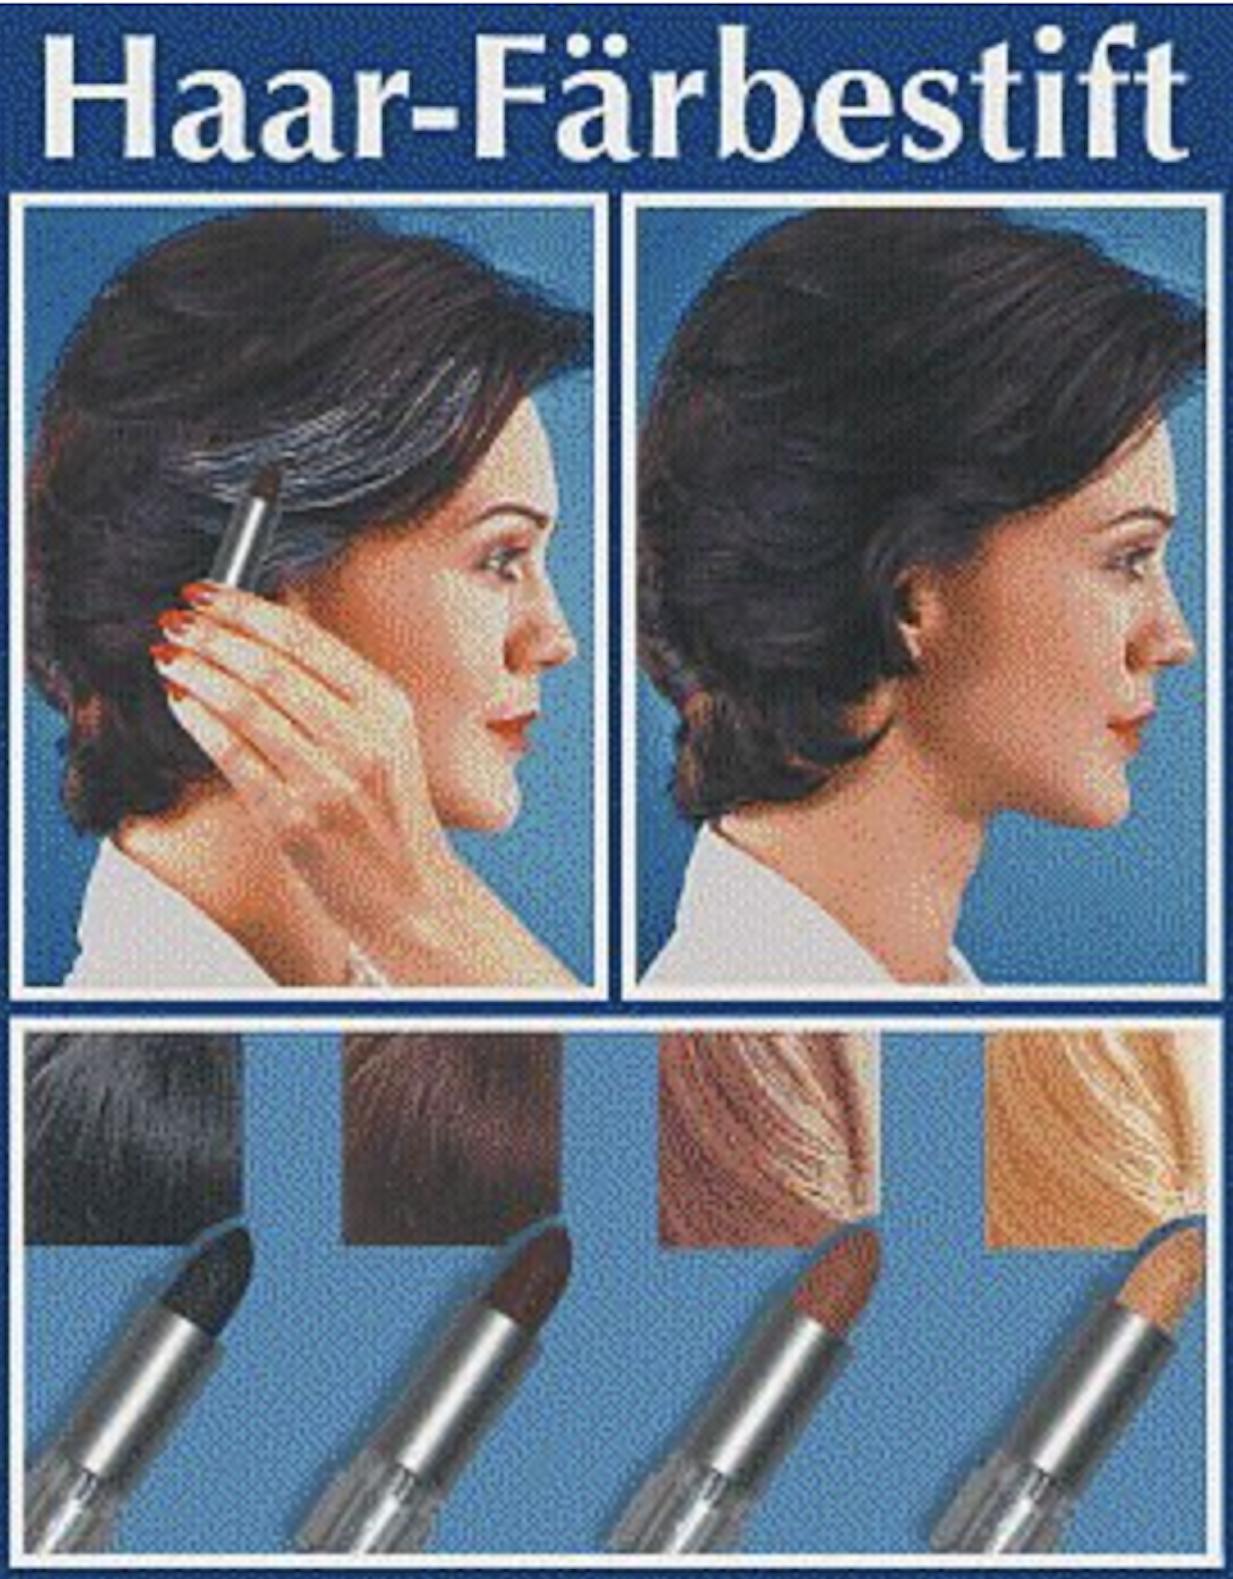 WENKO 3512012500 Haarfärbestift Schwarz - einfache Anwendung, Grauabdeckung,